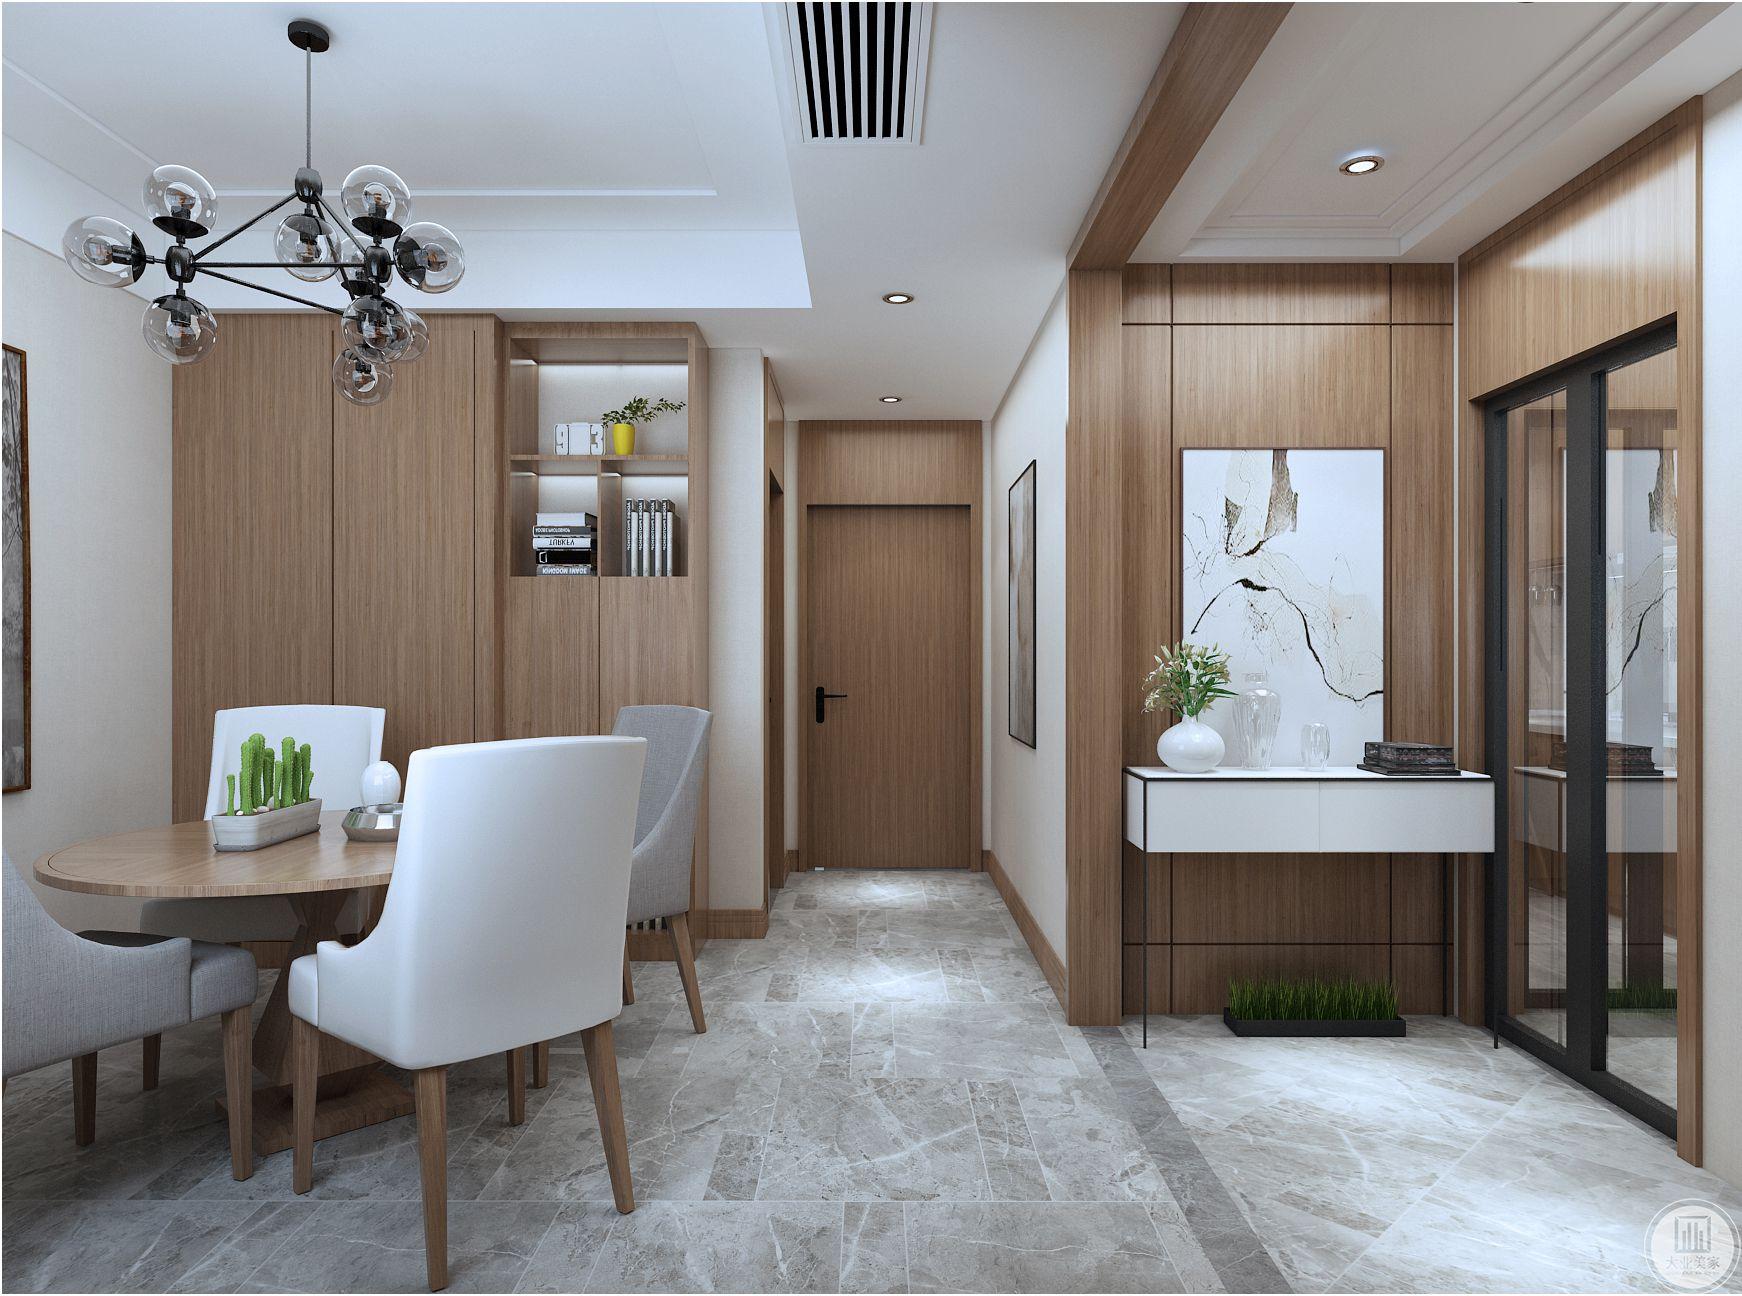 门厅储物柜的设计,既满足储物功能又增加了整个门厅的干净整洁度。